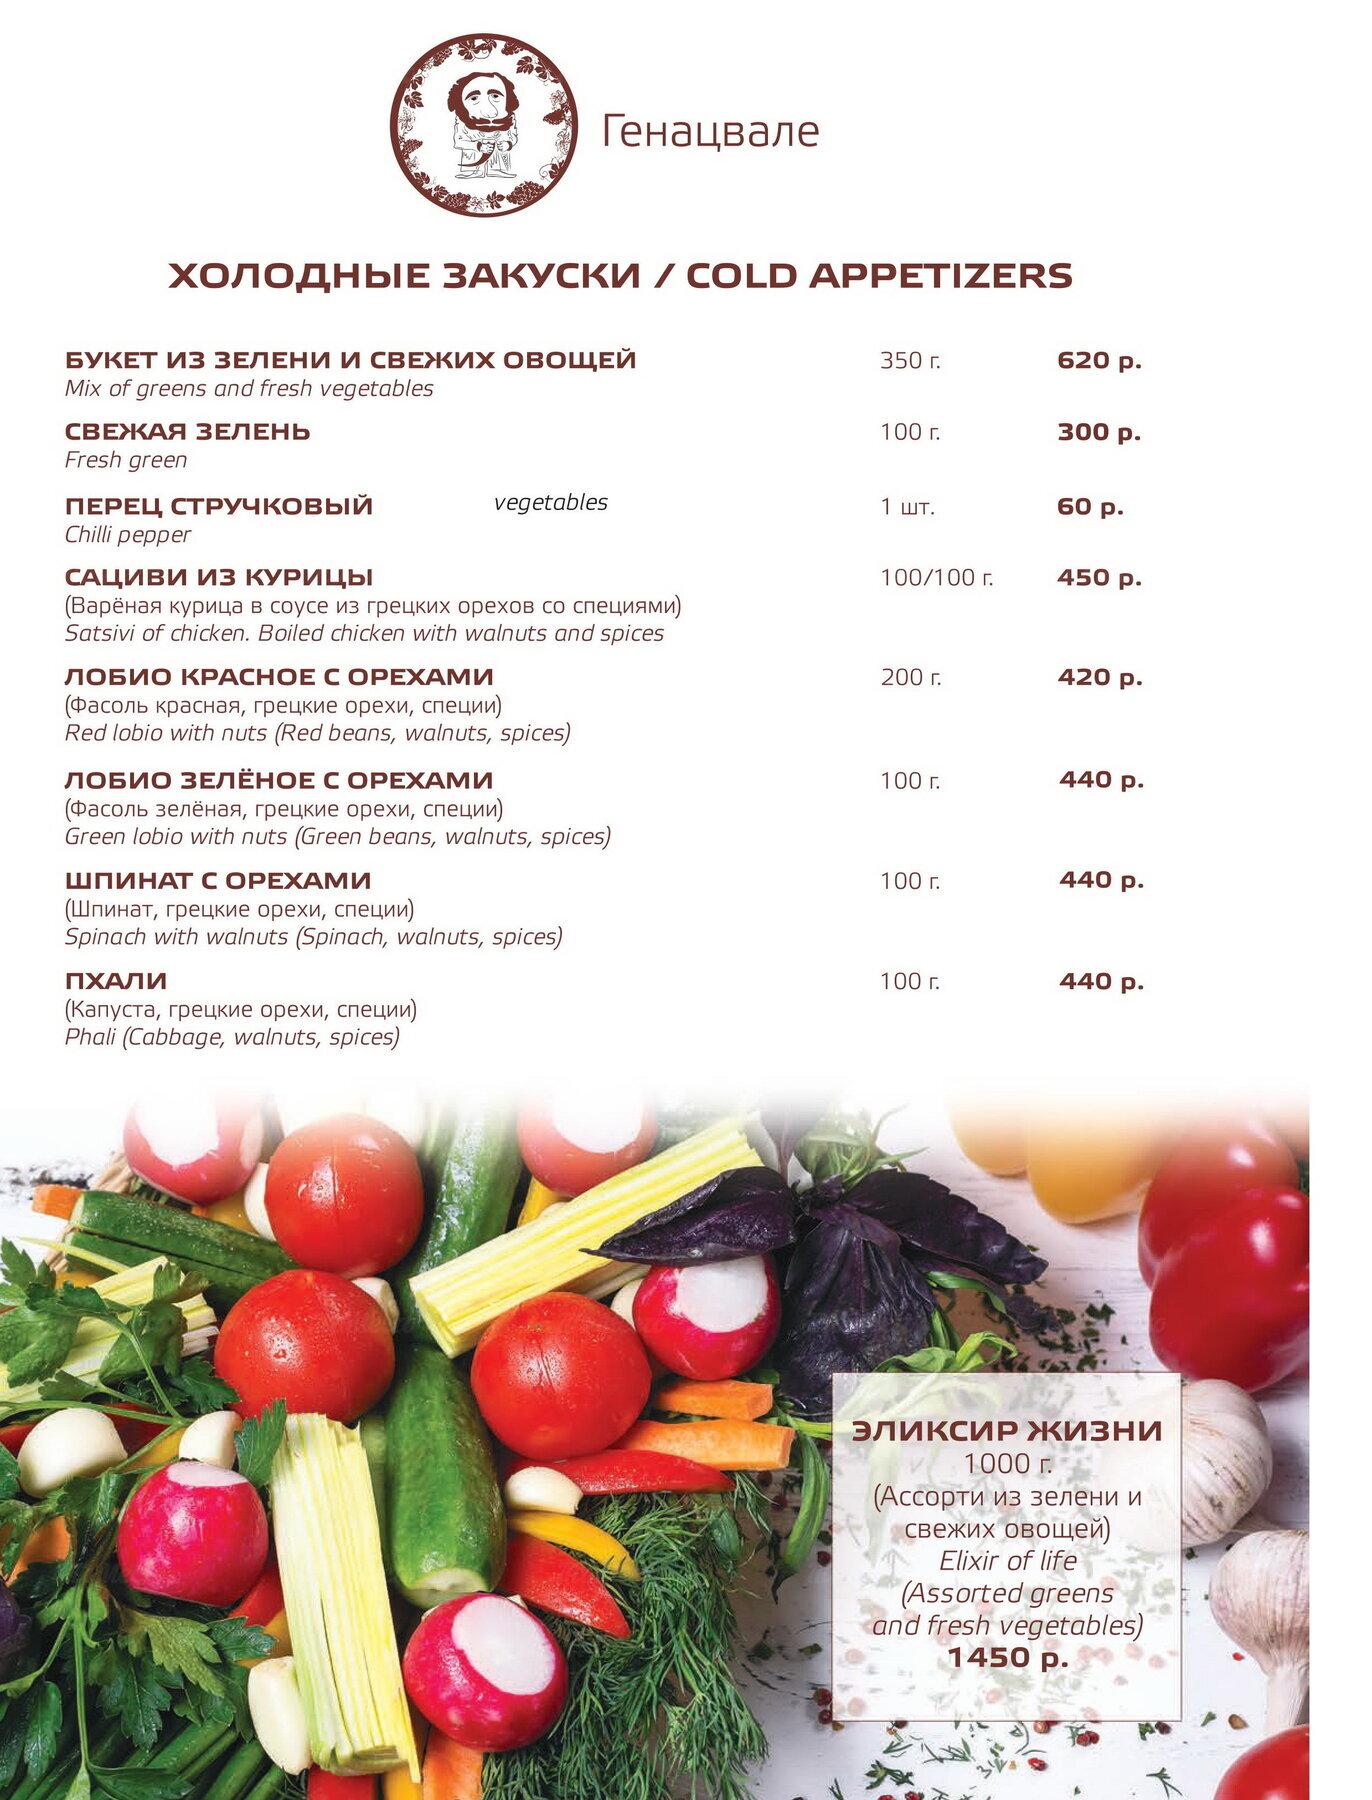 Меню ресторана Генацвале VIP на улице Остоженка фото 1